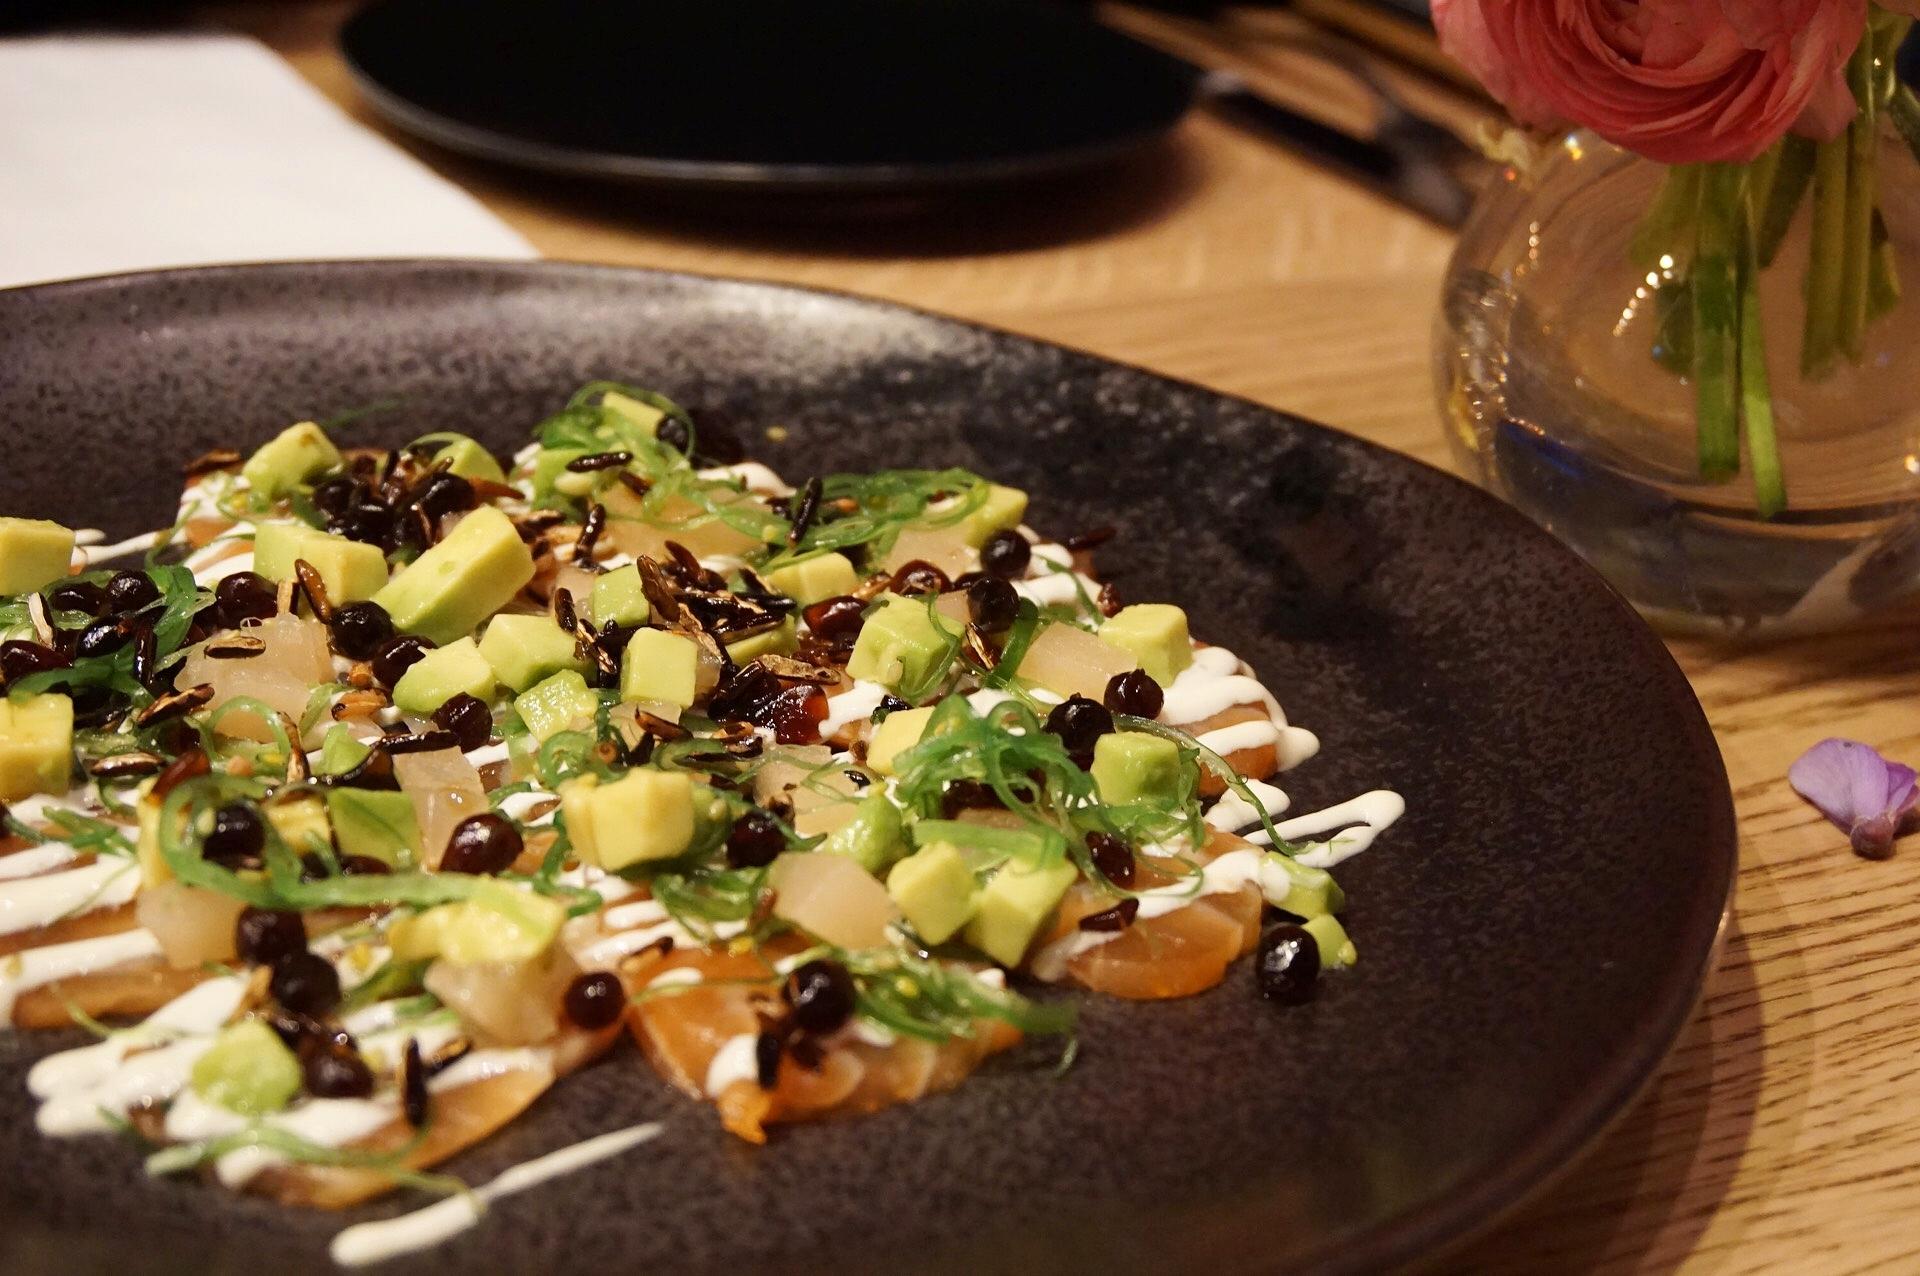 Tasmanian salmon sashimi, yuzu mayonnaise, pickled ginger, avocado, wakame, soy